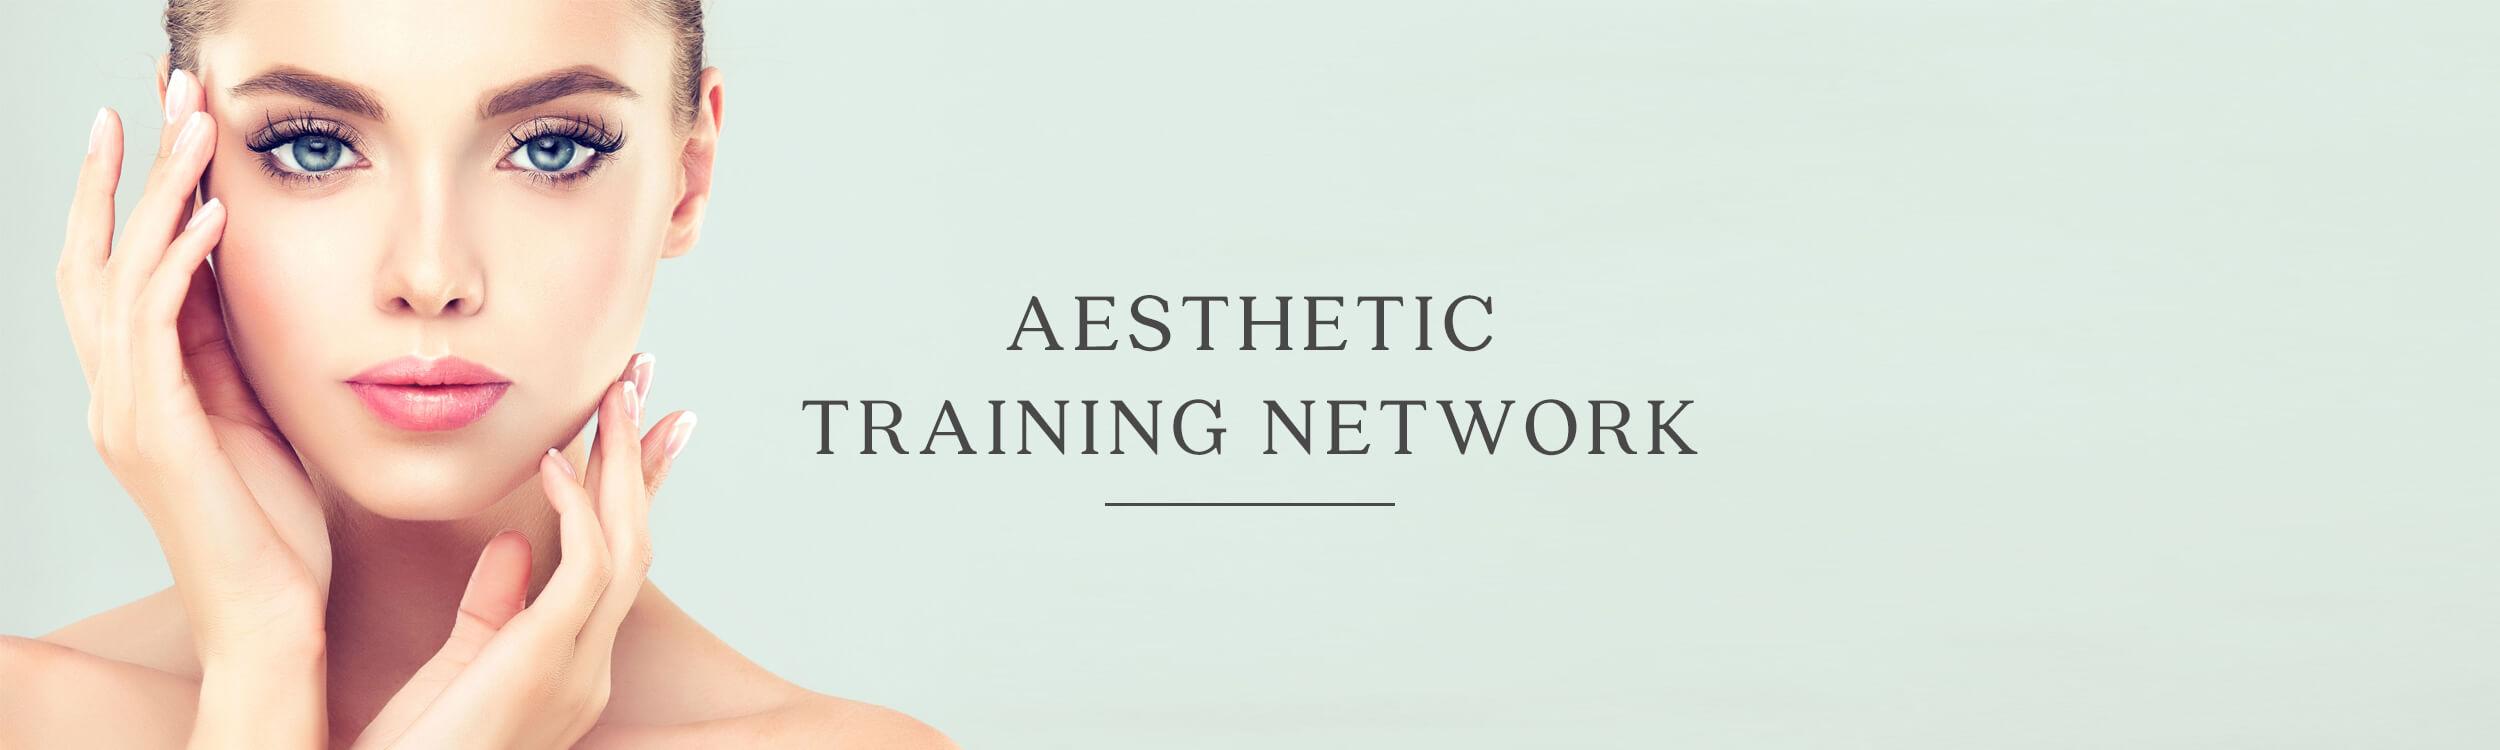 The Clinic for Medical Aesthetics - Aesthetic Training Network.jpg